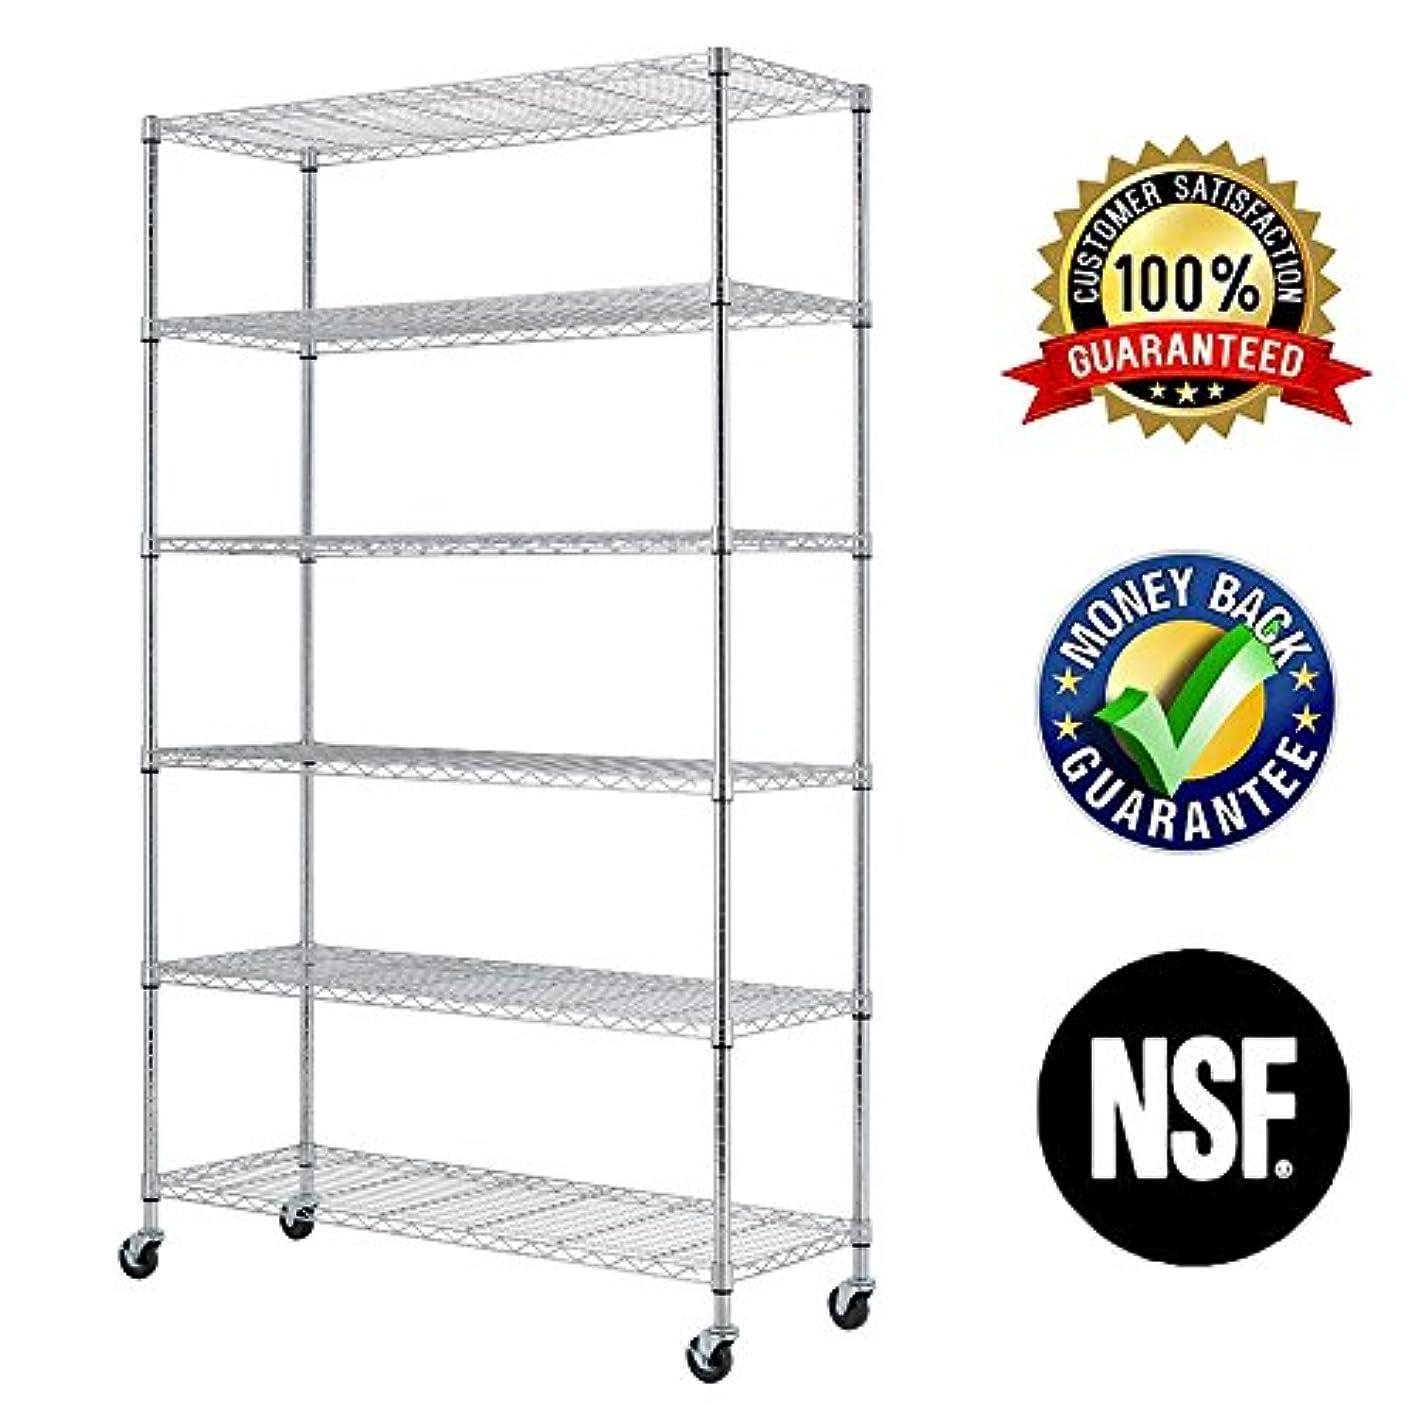 6 Tier Wire Shelving Rack,Steel Shelf 48